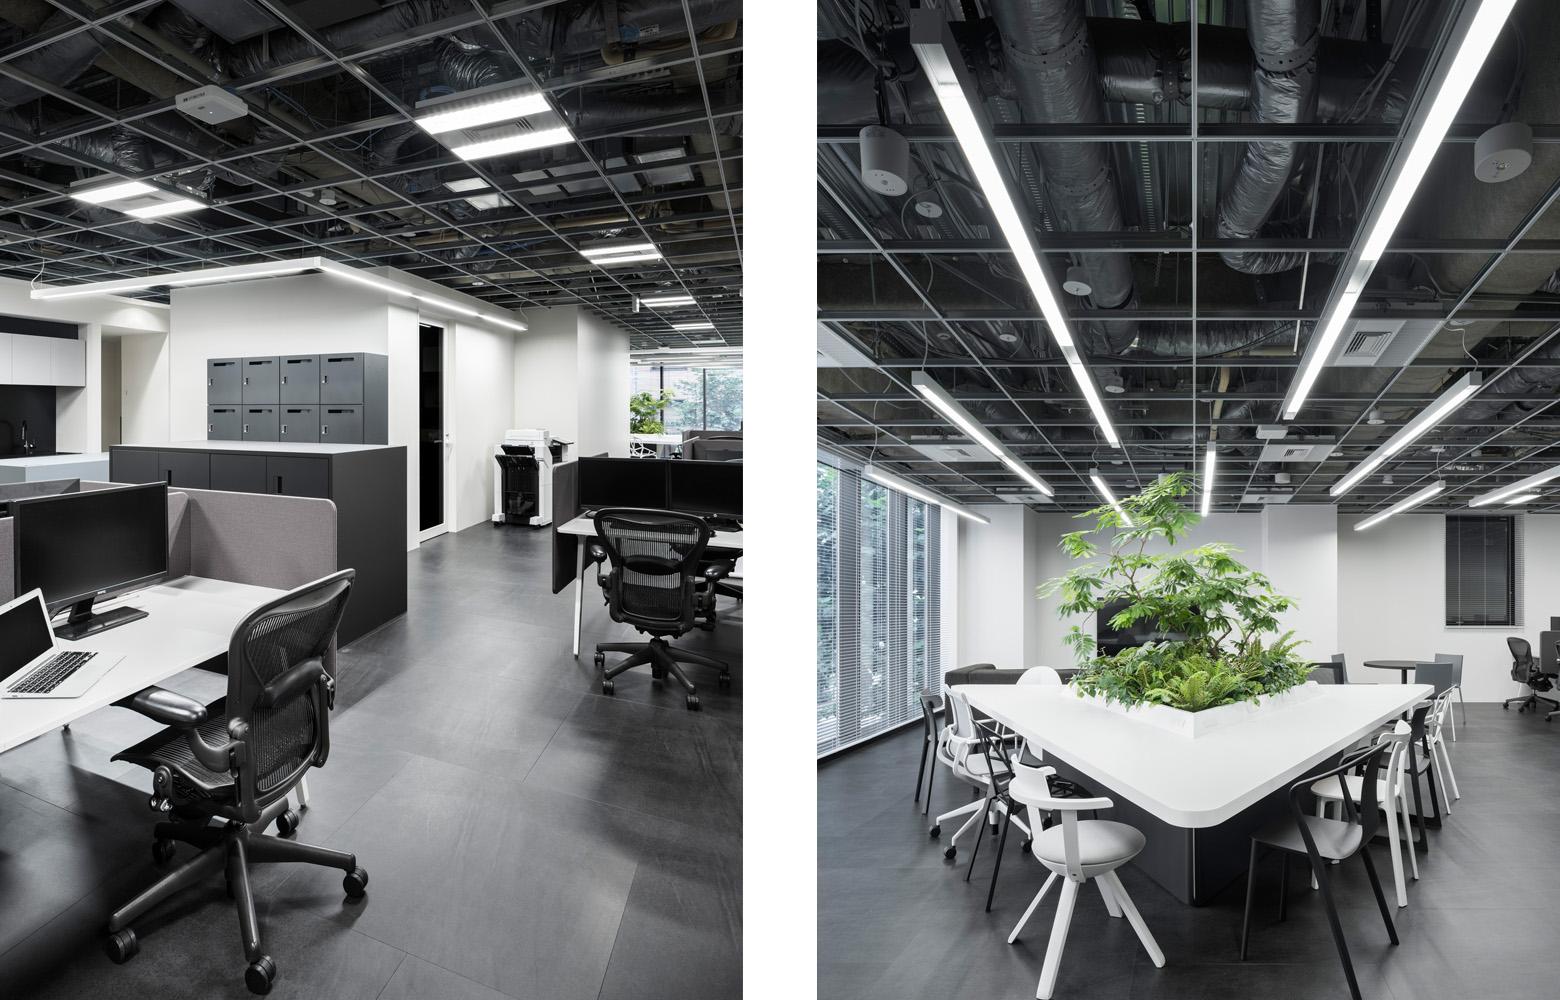 株式会社イエラエセキュリティ Work Space / Free Space_4 デザイン・レイアウト事例